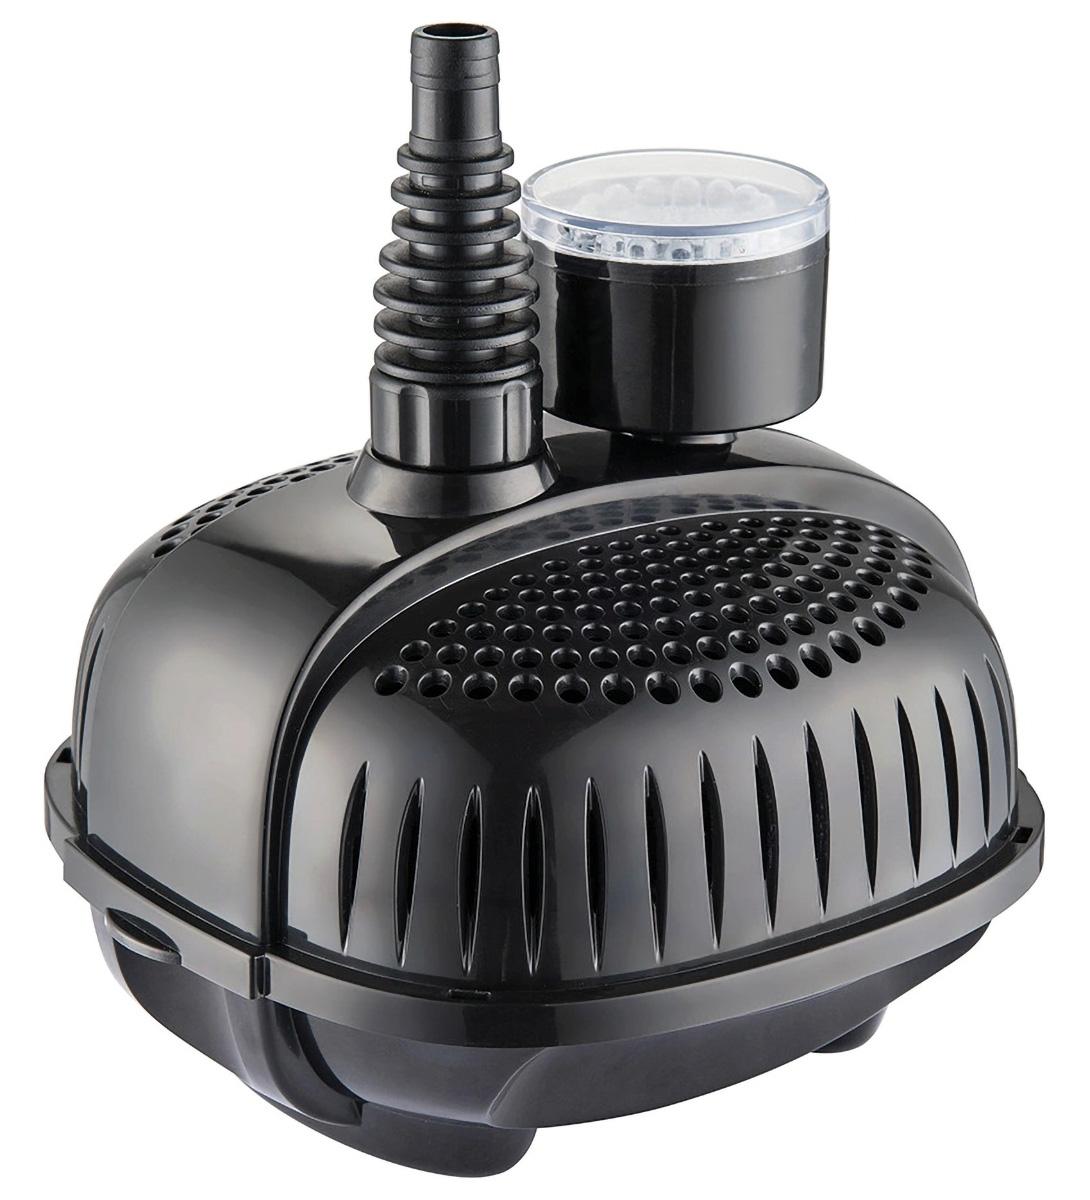 Помпа Фонтанный комплект Barbus Pump 019 1000 л/ч 18 Вт (1 шт) водяная помпа aleas 220 л ч